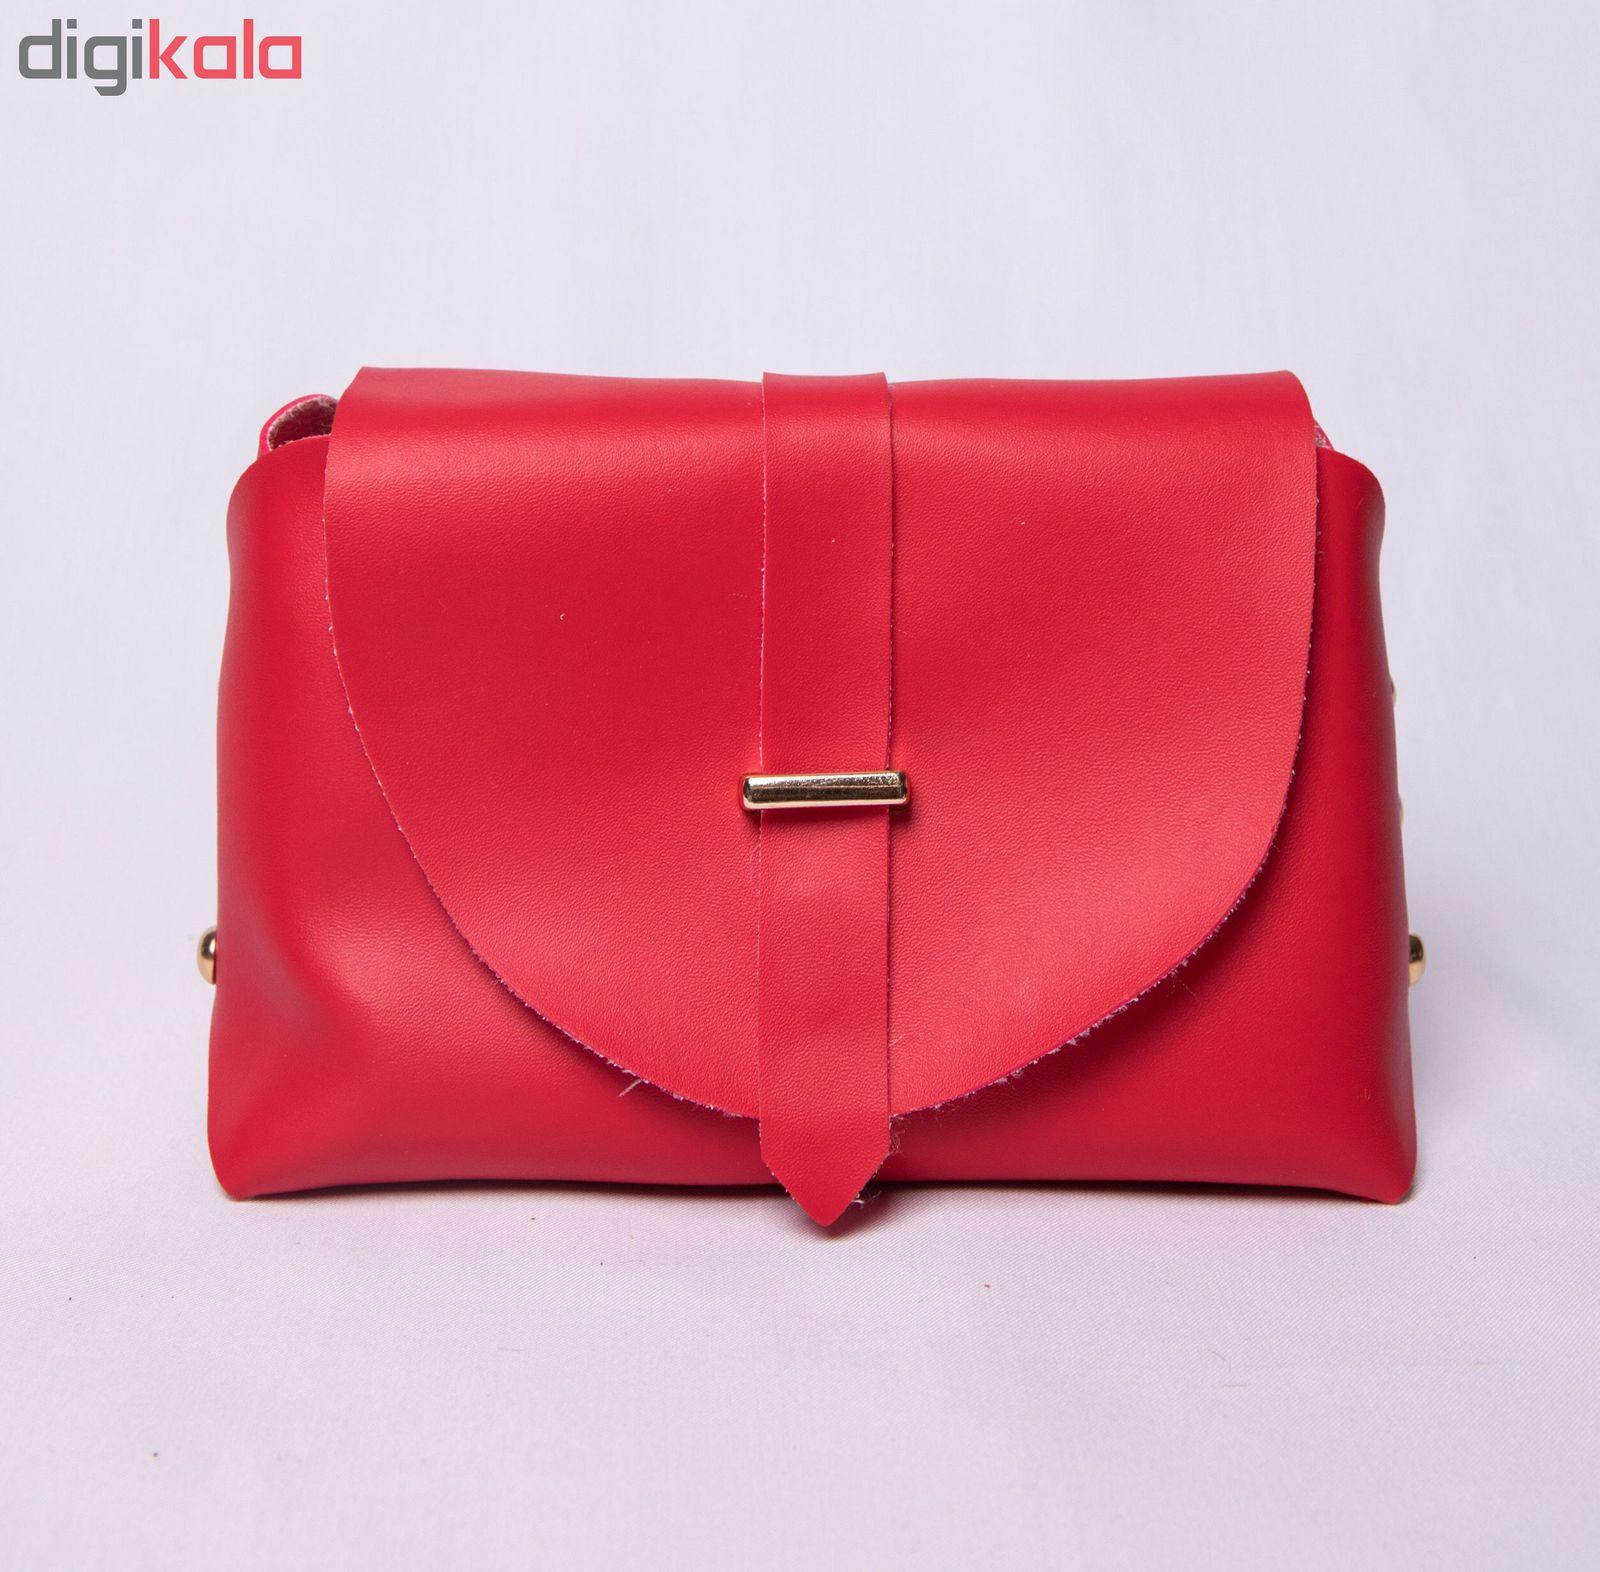 کیف دوشی زنانه مدل روشا -  - 10